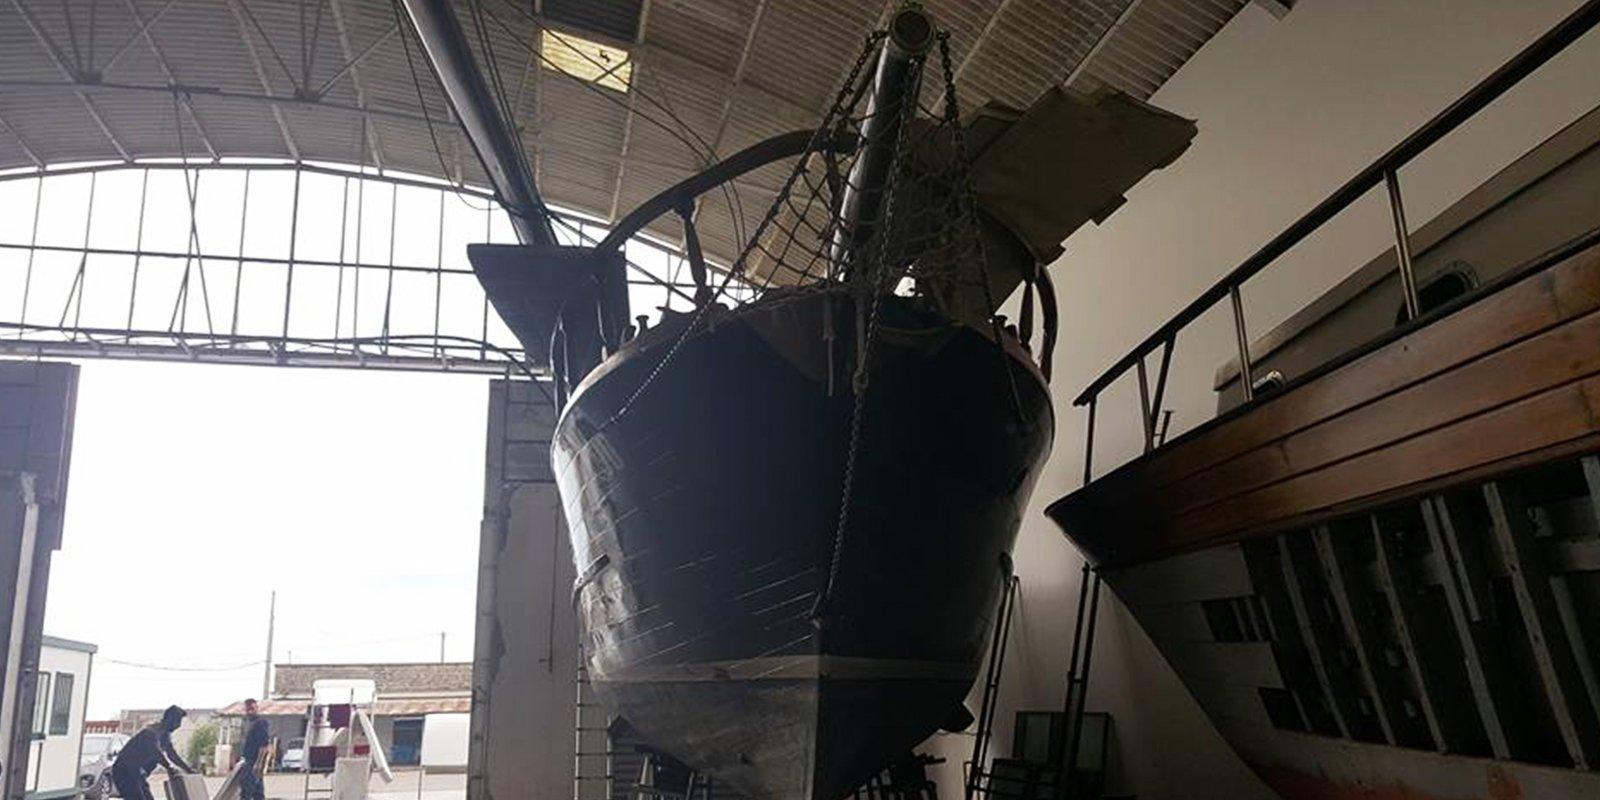 Vista frontale della barca di grandi dimensioni in rimessa